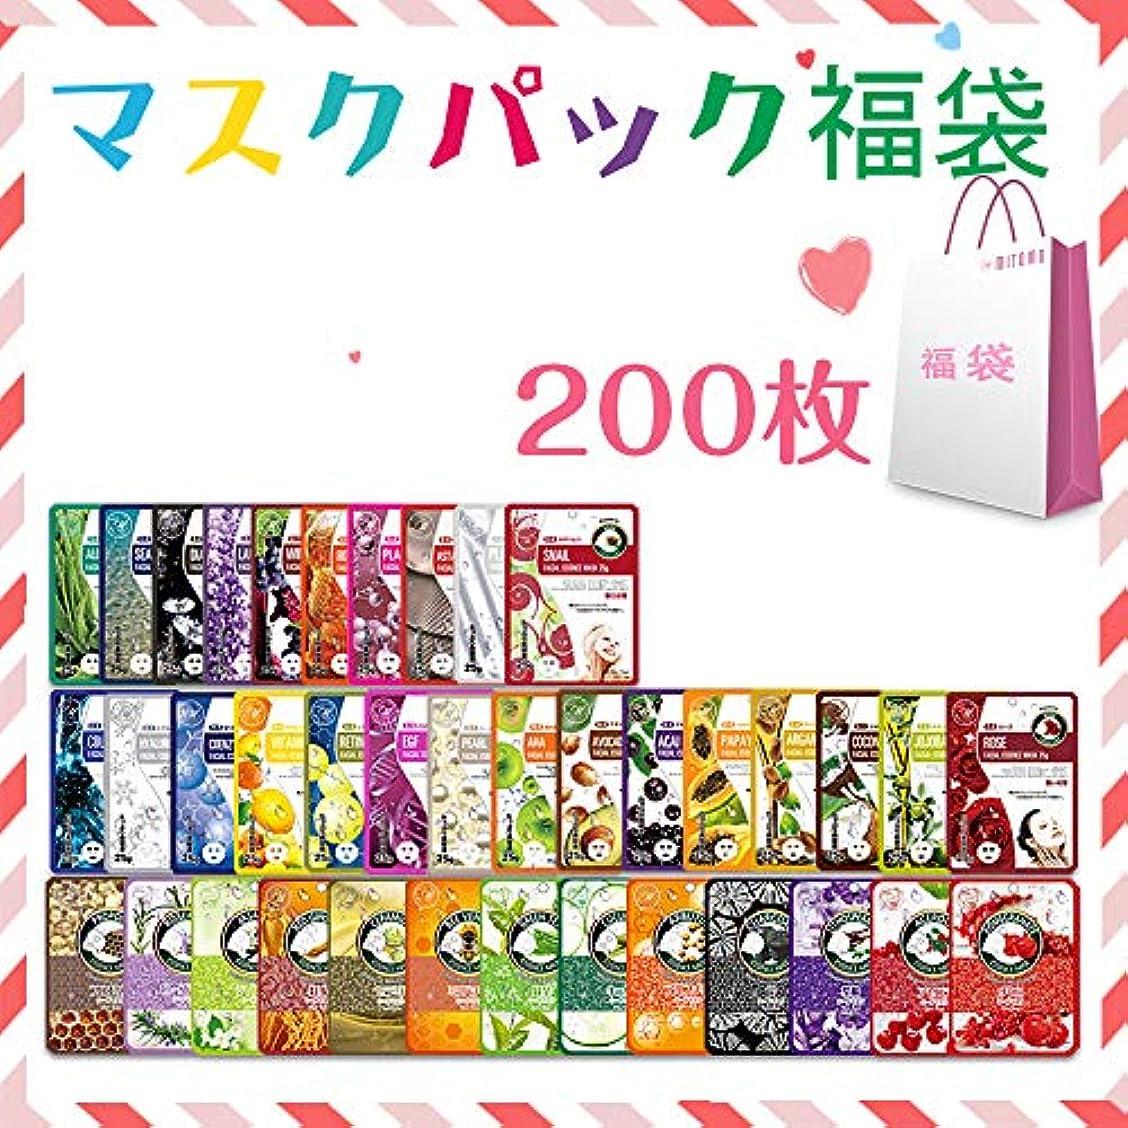 ガジュマル精度スカウト【LBPRKL0200】シートマスク/200枚/美容液/マスクパック/送料無料